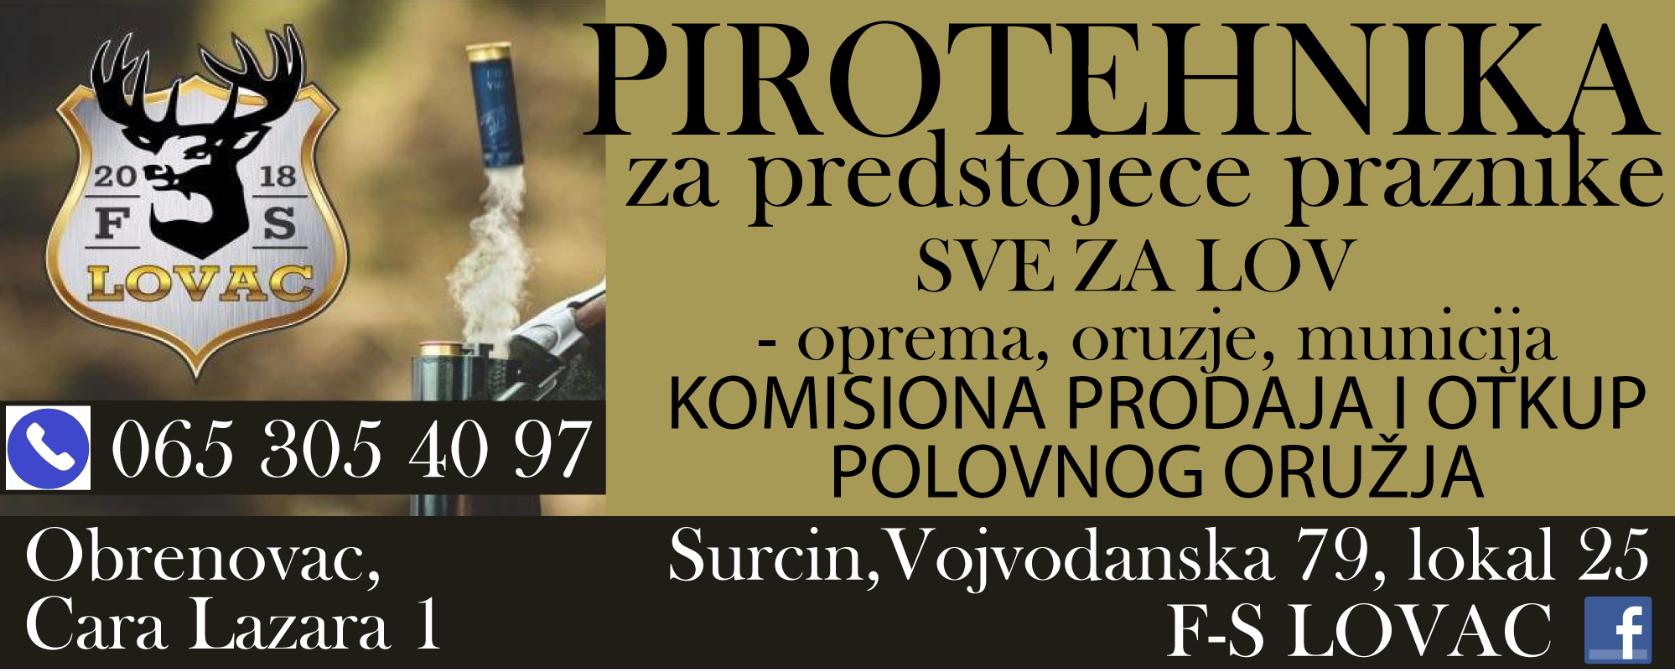 ribolov-lov-oprema-mamci-surcin-obrenovac-hobi-lovista-divljac-puske-munisija-sport-mojabaza